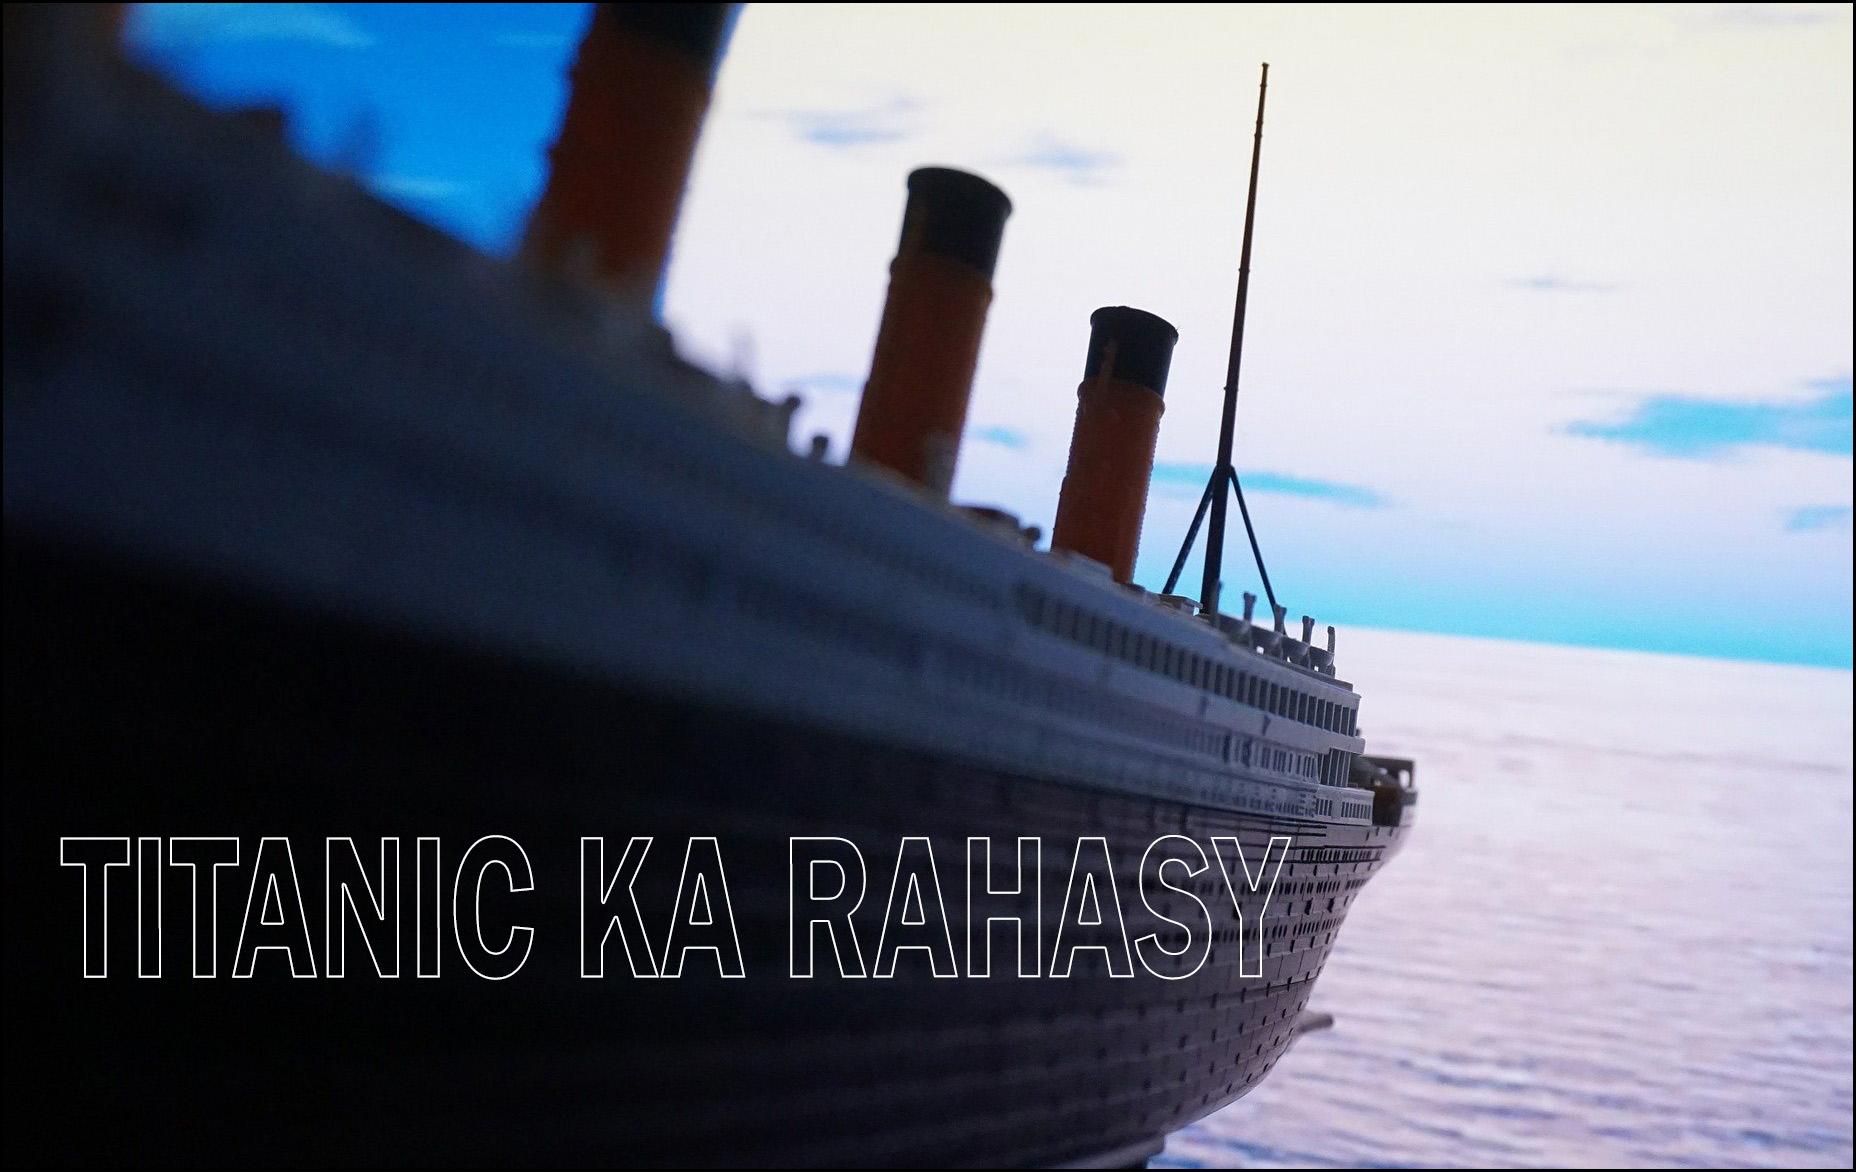 TITANIC KA RAHASY